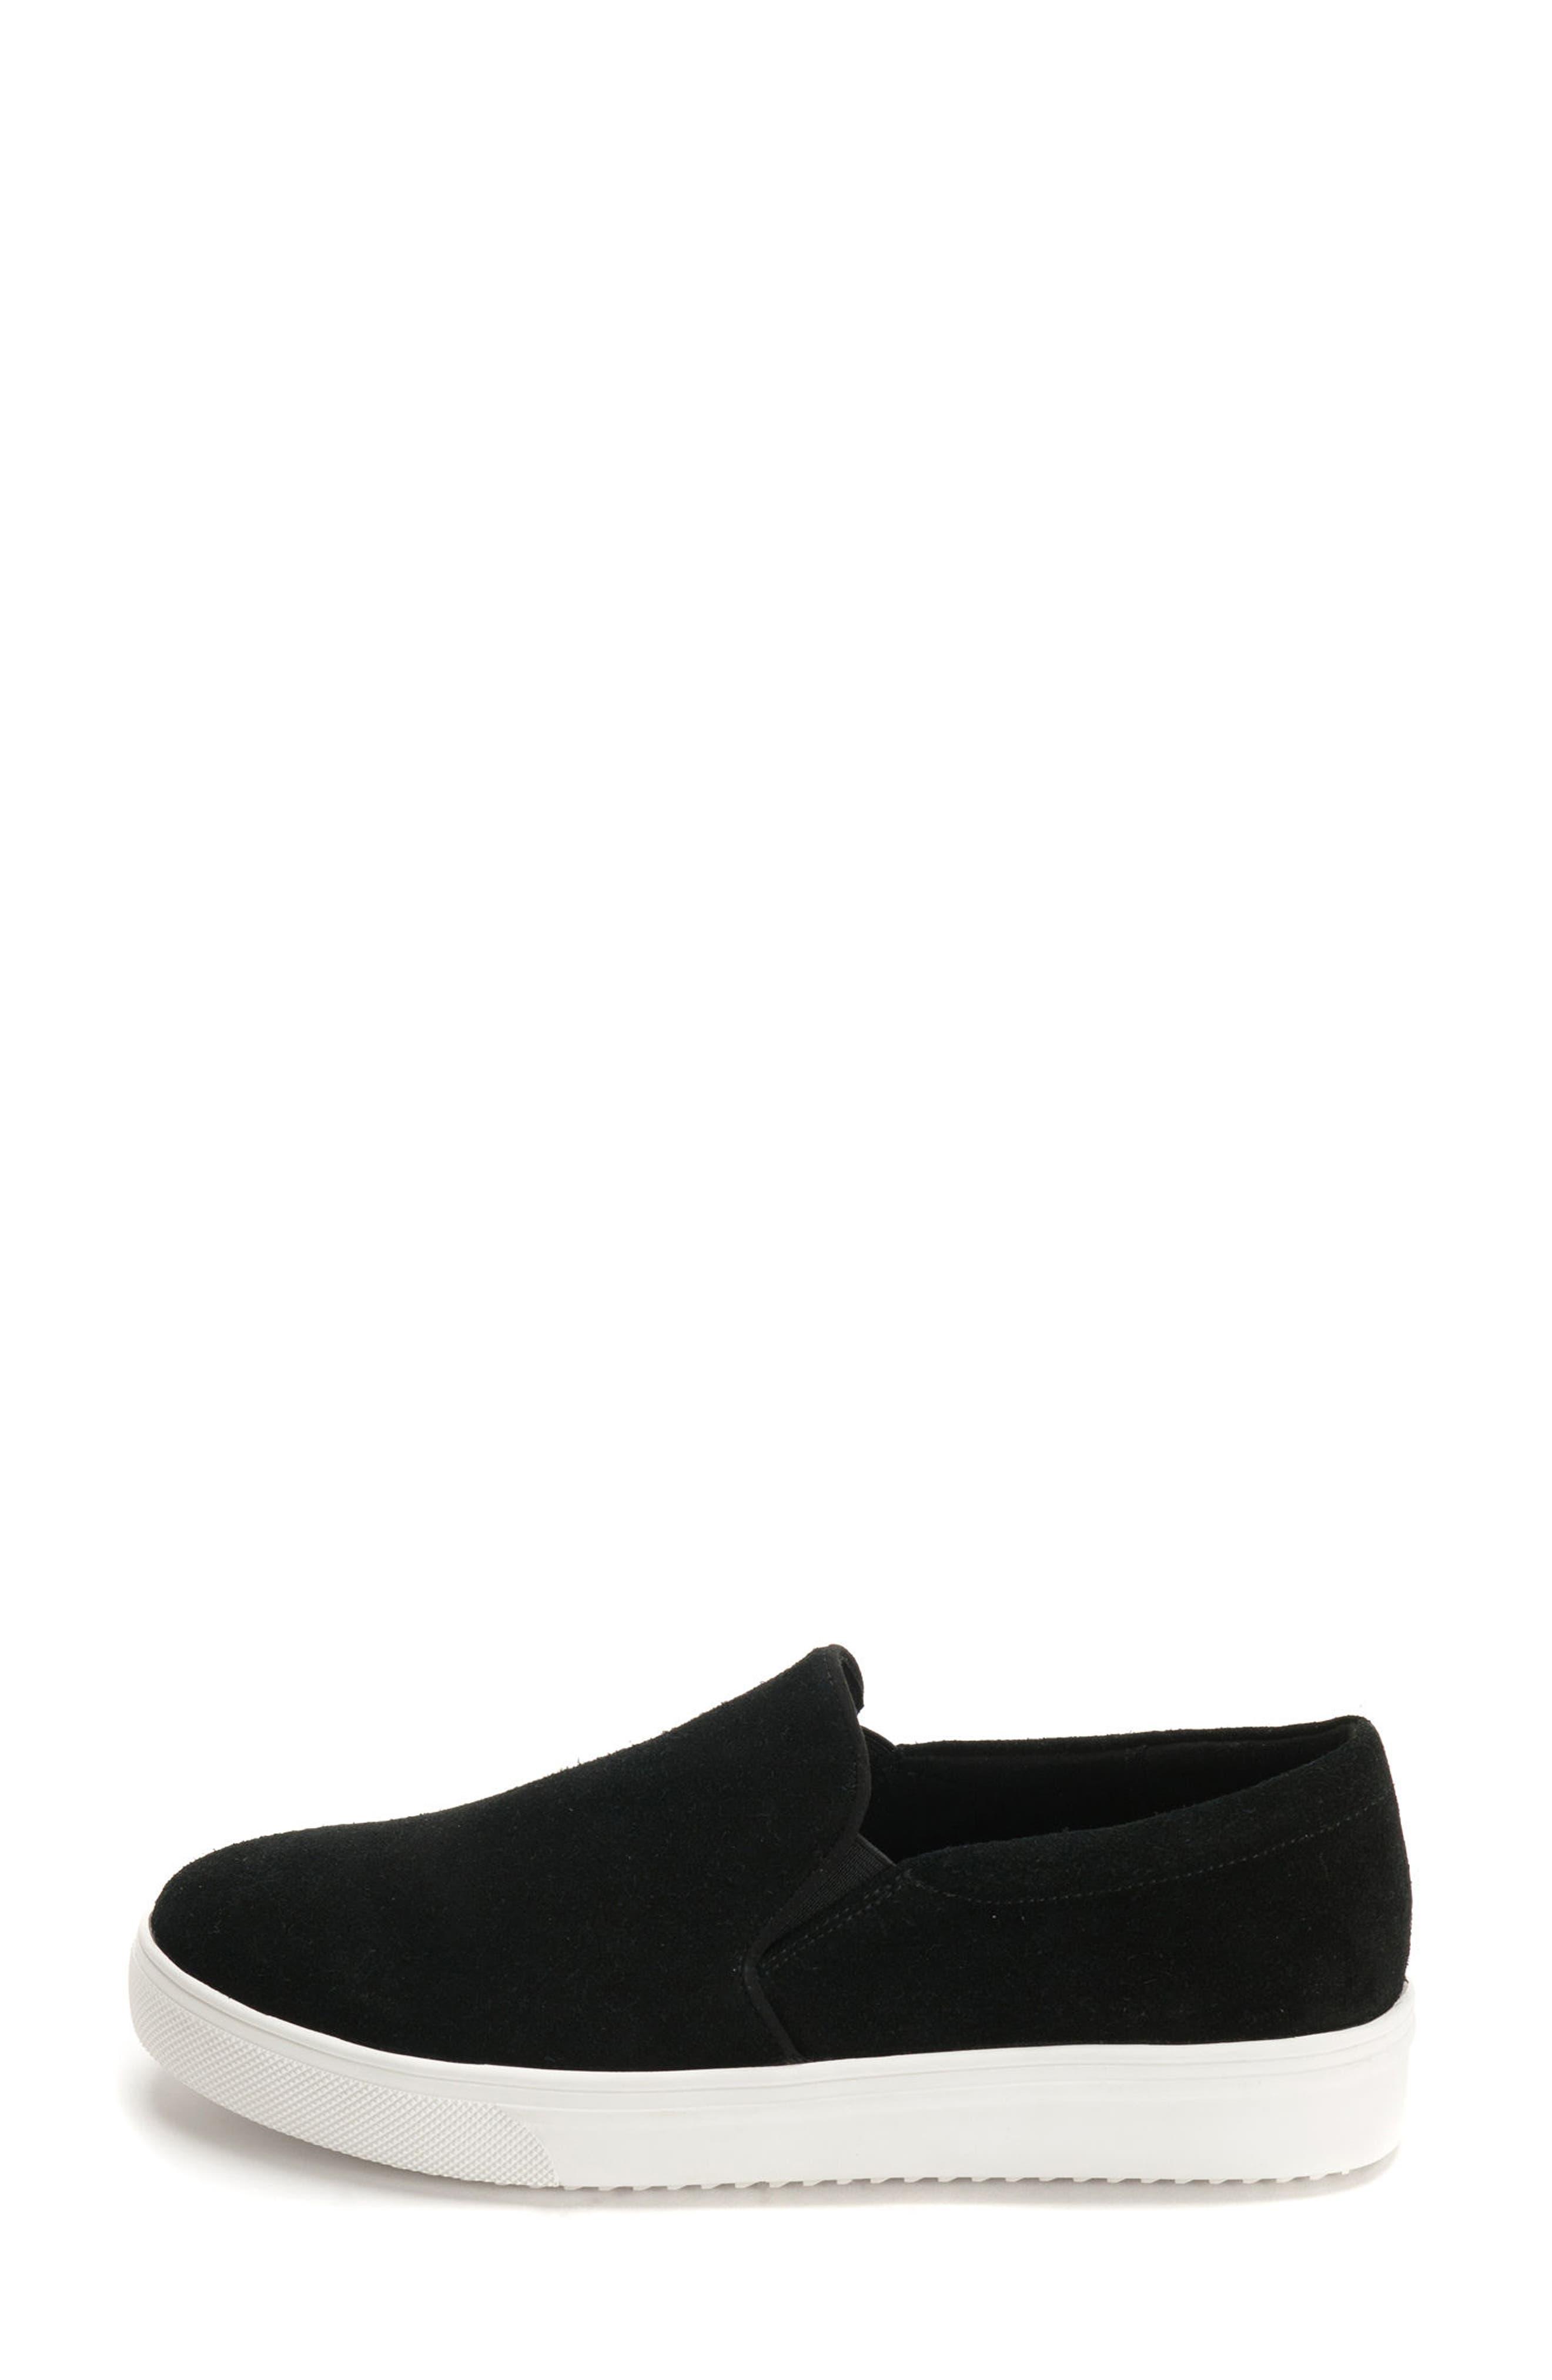 Gracie Waterproof Slip-On Sneaker,                             Alternate thumbnail 3, color,                             BLACK SUEDE